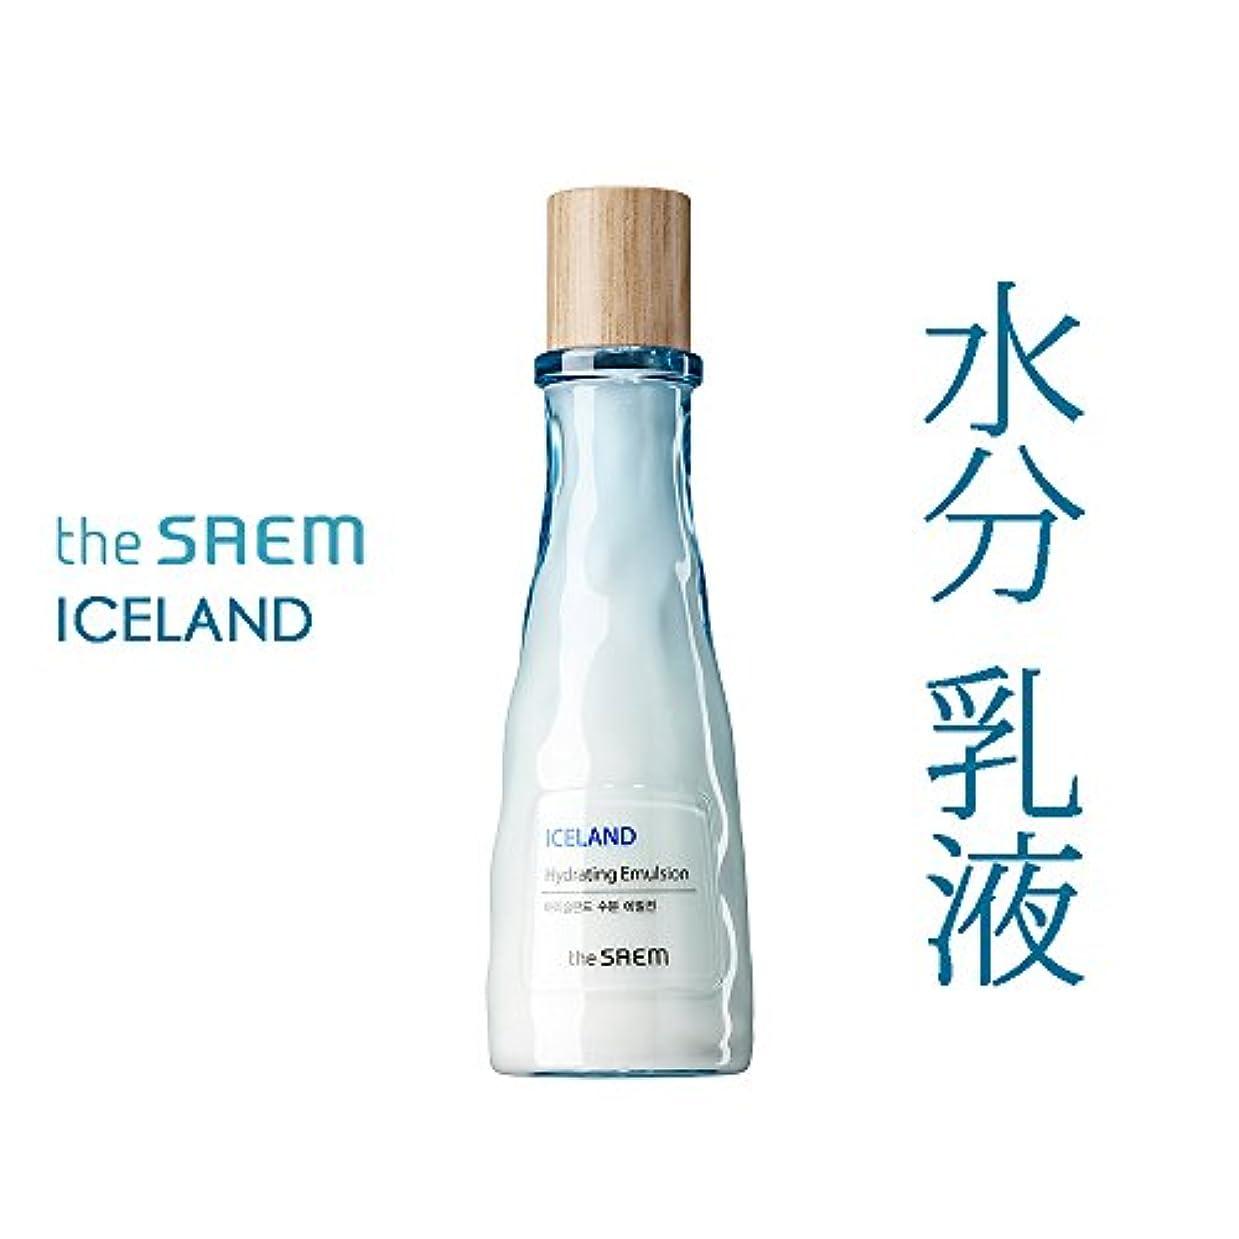 対処する粘着性フェザーザ セム The saem アイスランド 水分 乳液 The Saem Iceland Hydrating E mulsion 140ml